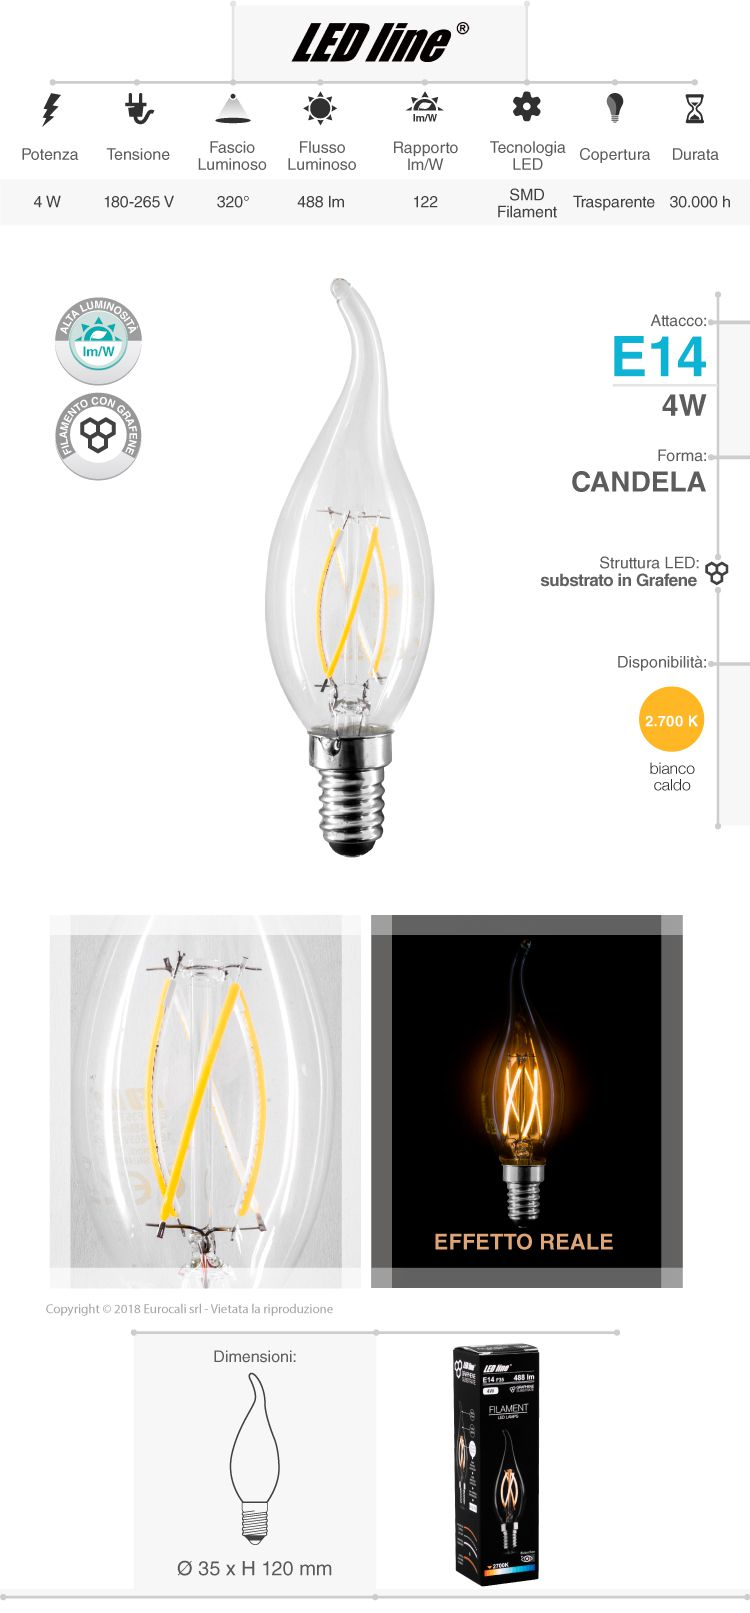 Led Line lampadina LED E14